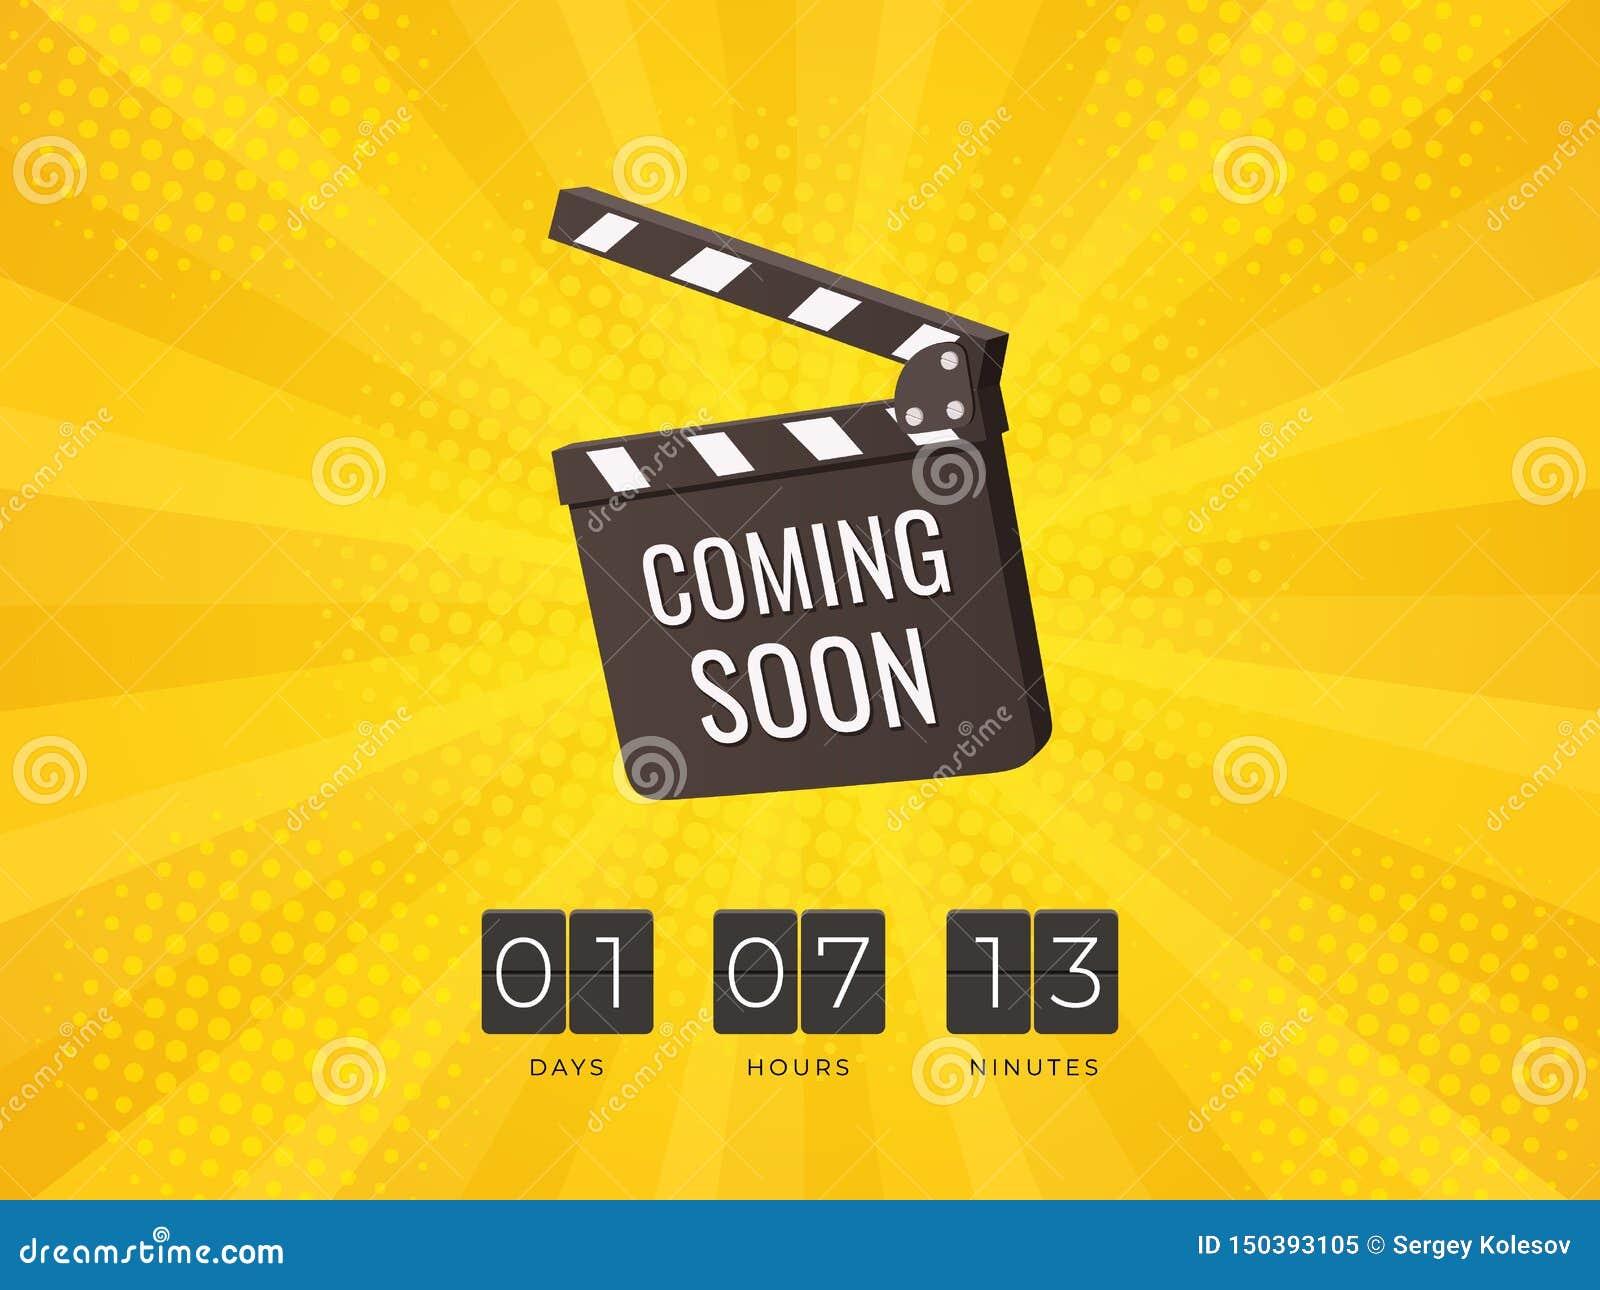 Komst spoedig Kleppenraad met Flip Countdown Clock op gele achtergrond